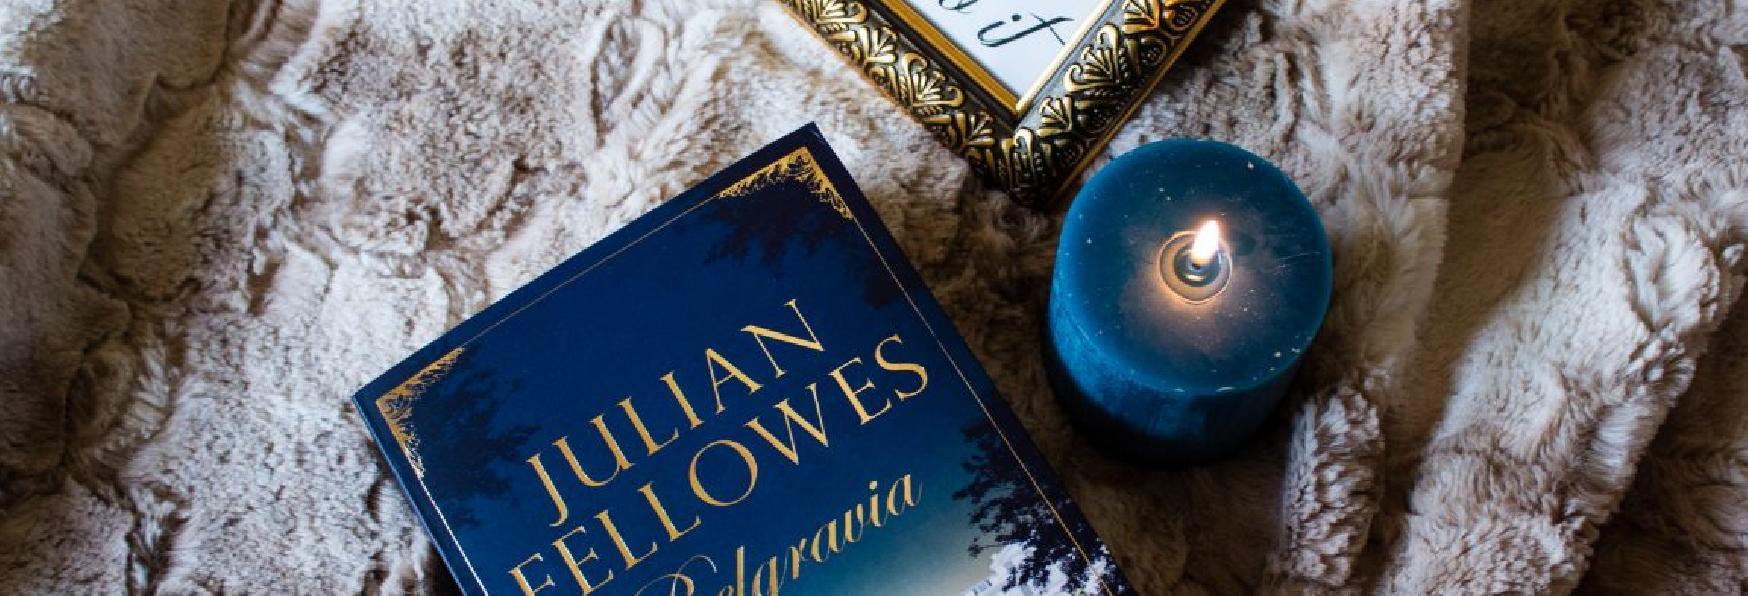 Belgravia: alcune Foto e la Trama della Miniserie dal Creatore di Downton Abbey